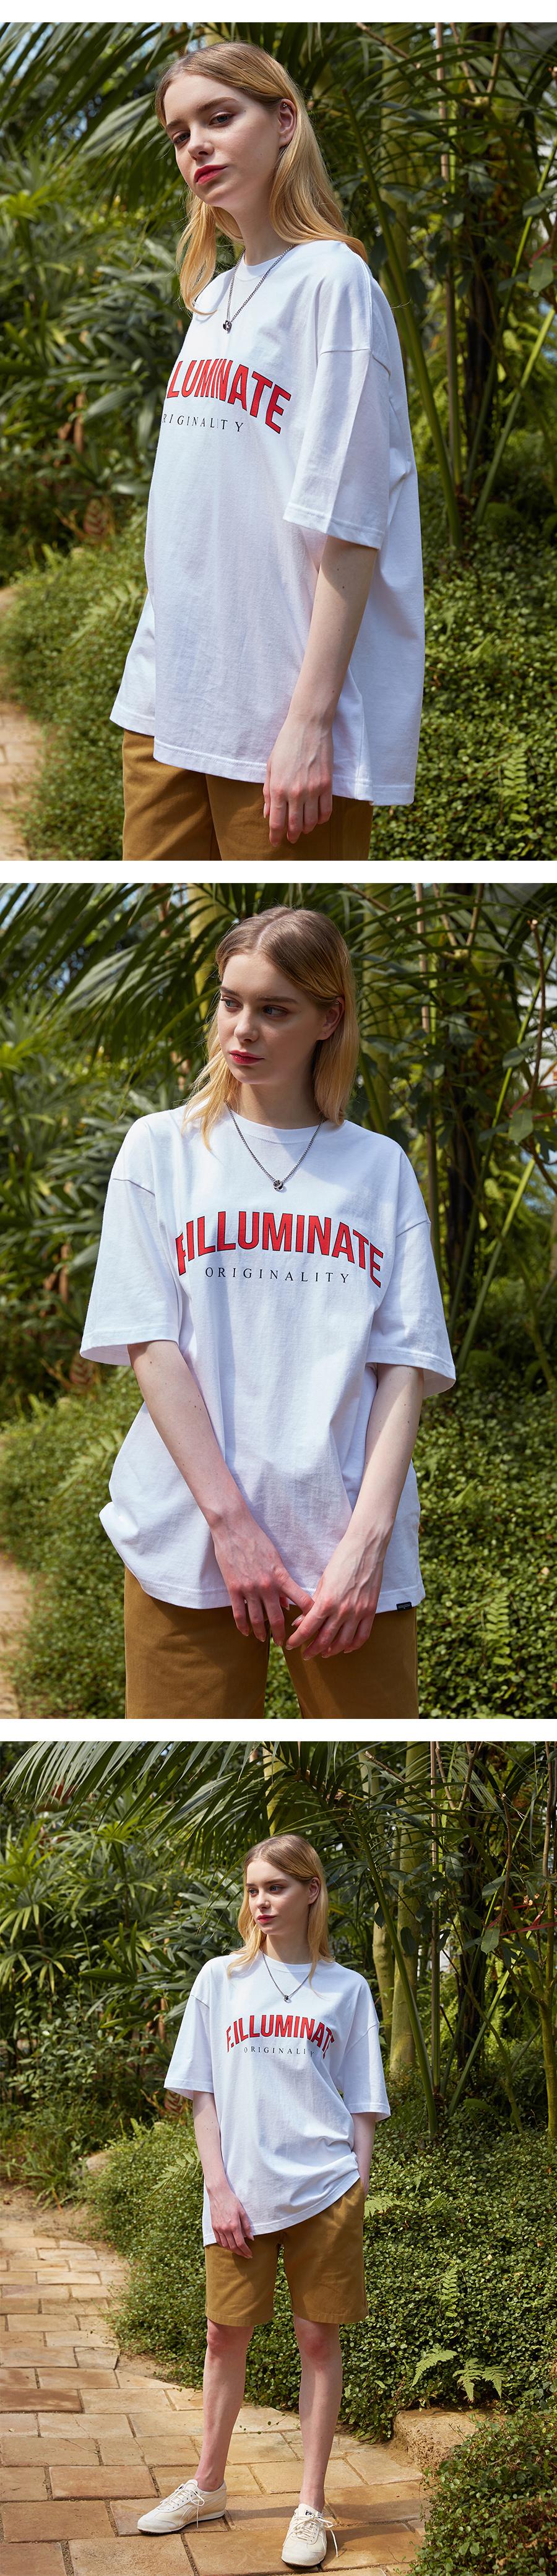 필루미네이트(FILLUMINATE) 유니섹스 오버핏 로고 C-포인트 티-화이트